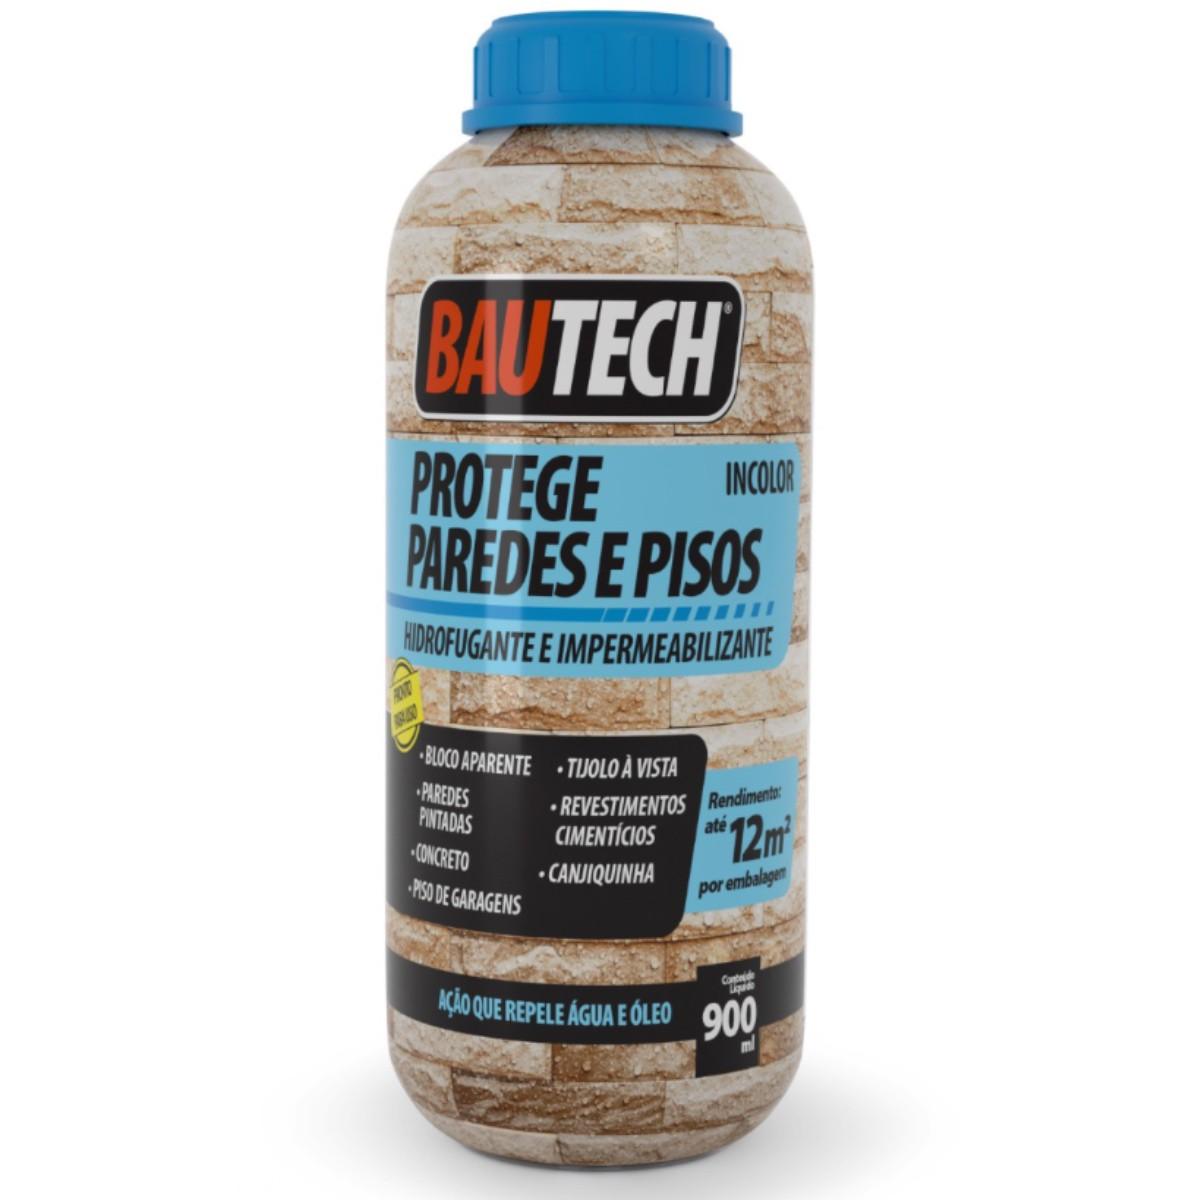 Hidrofugante Impermeabilizante - Paredes/Pisos Bautech 900ml